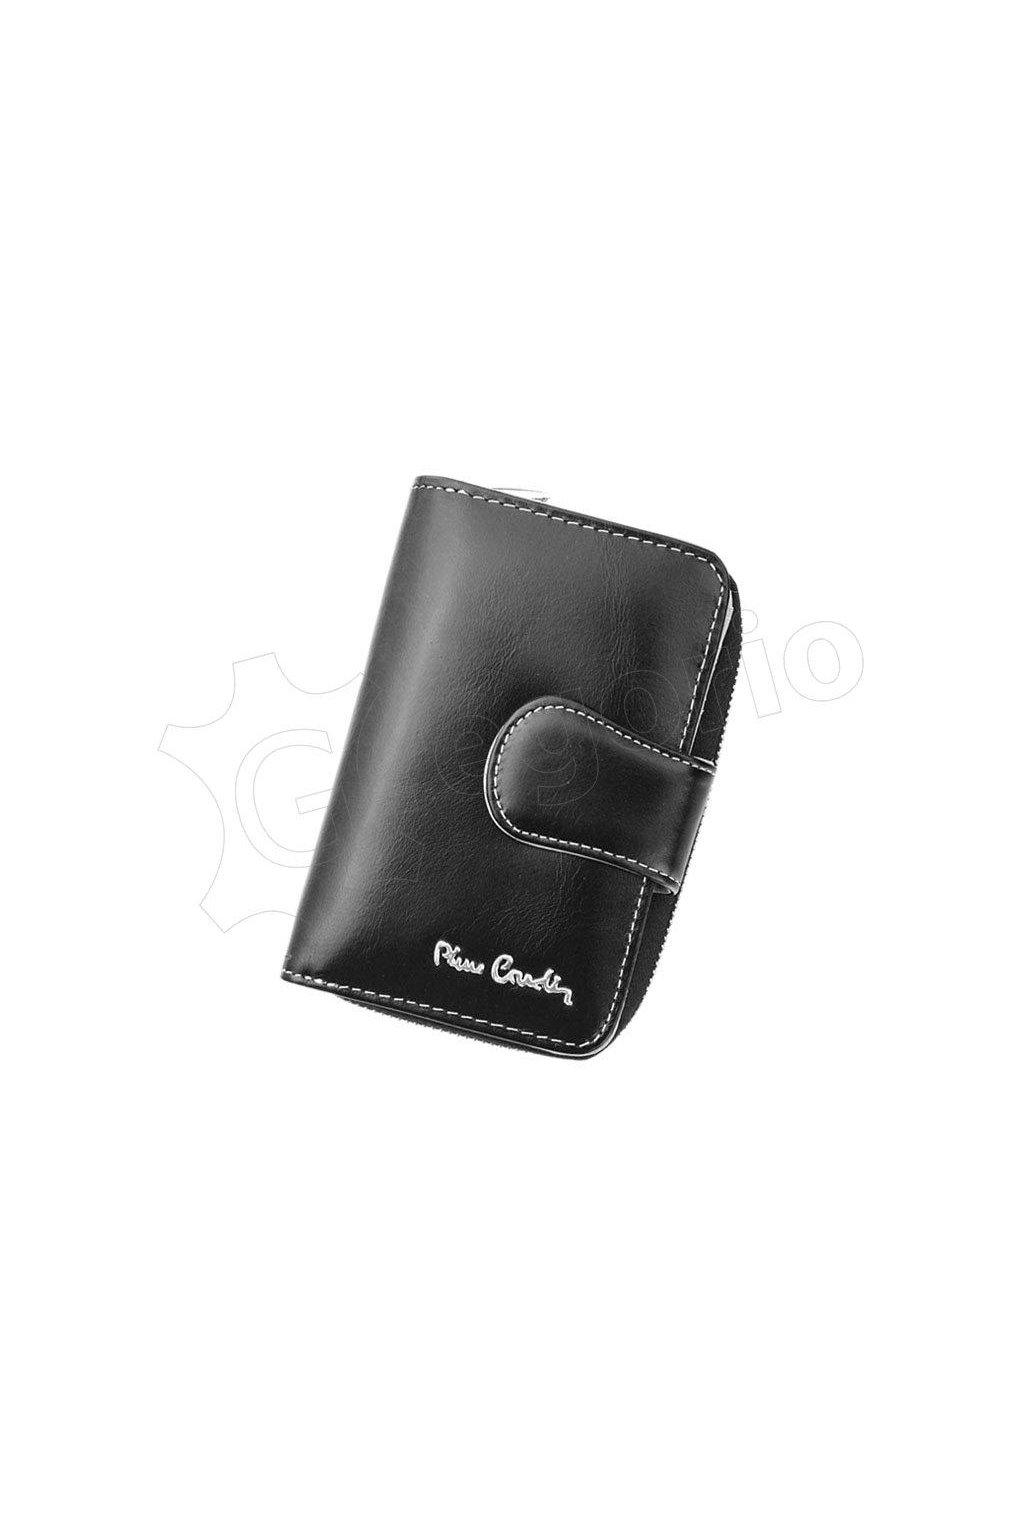 Dámská značková kožená peněženka Peierre Cardin černá